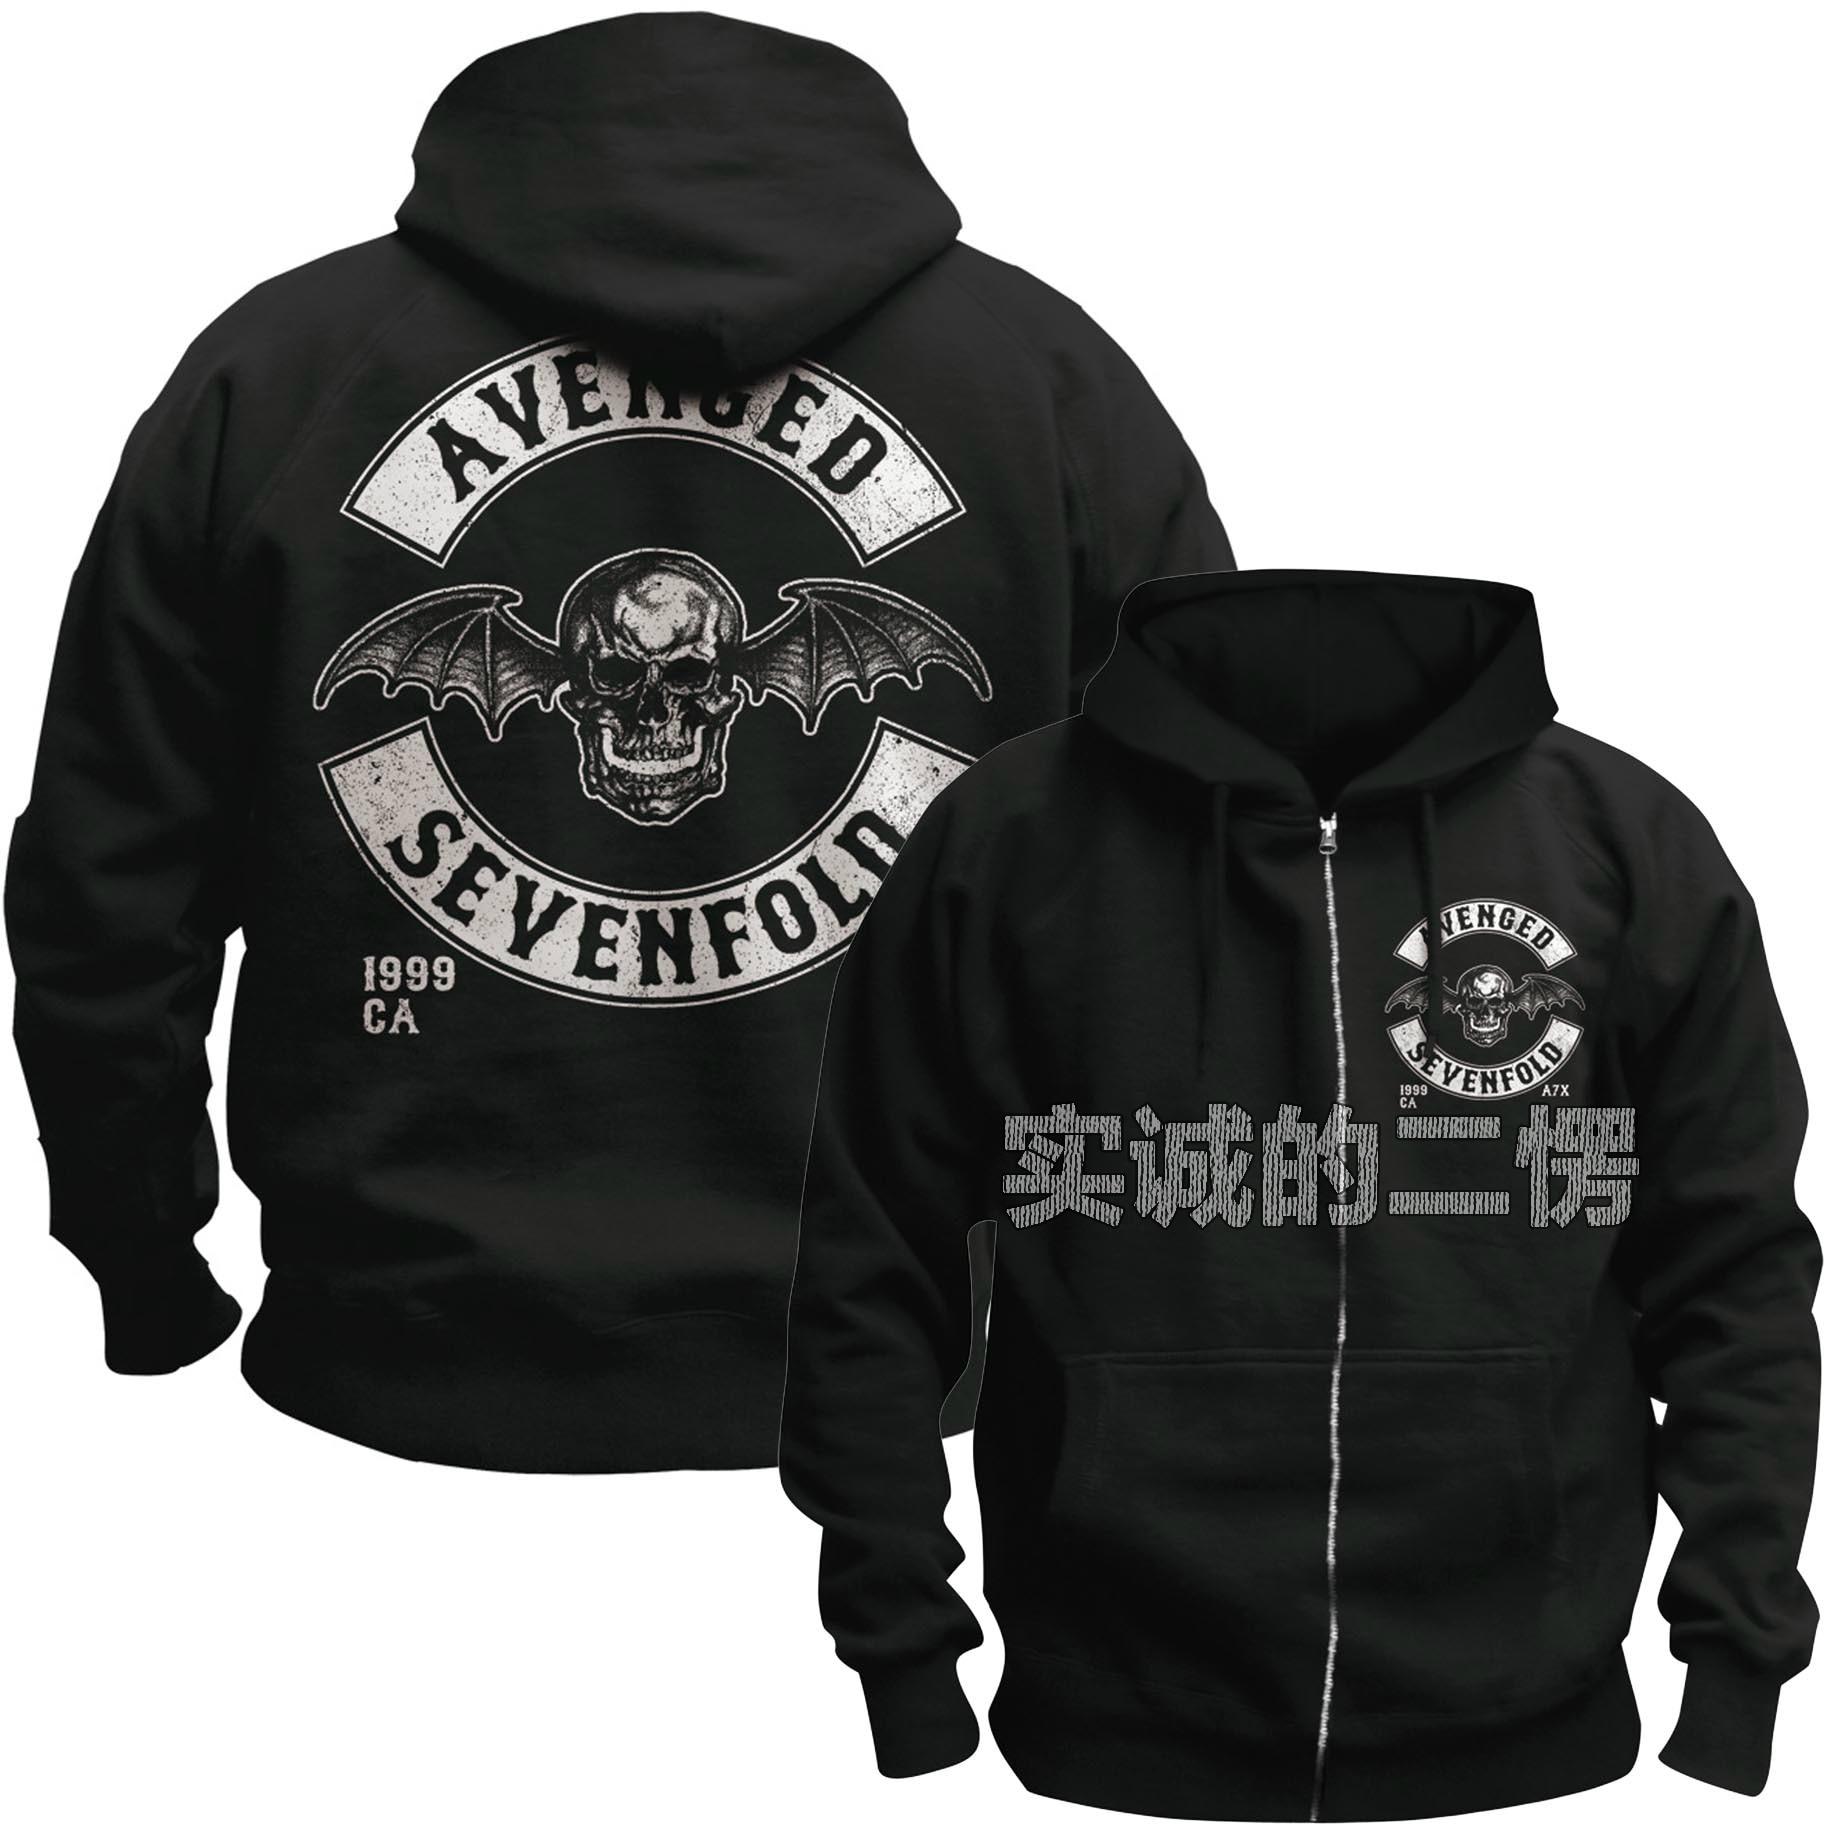 Avenged sevenfold leather jacket